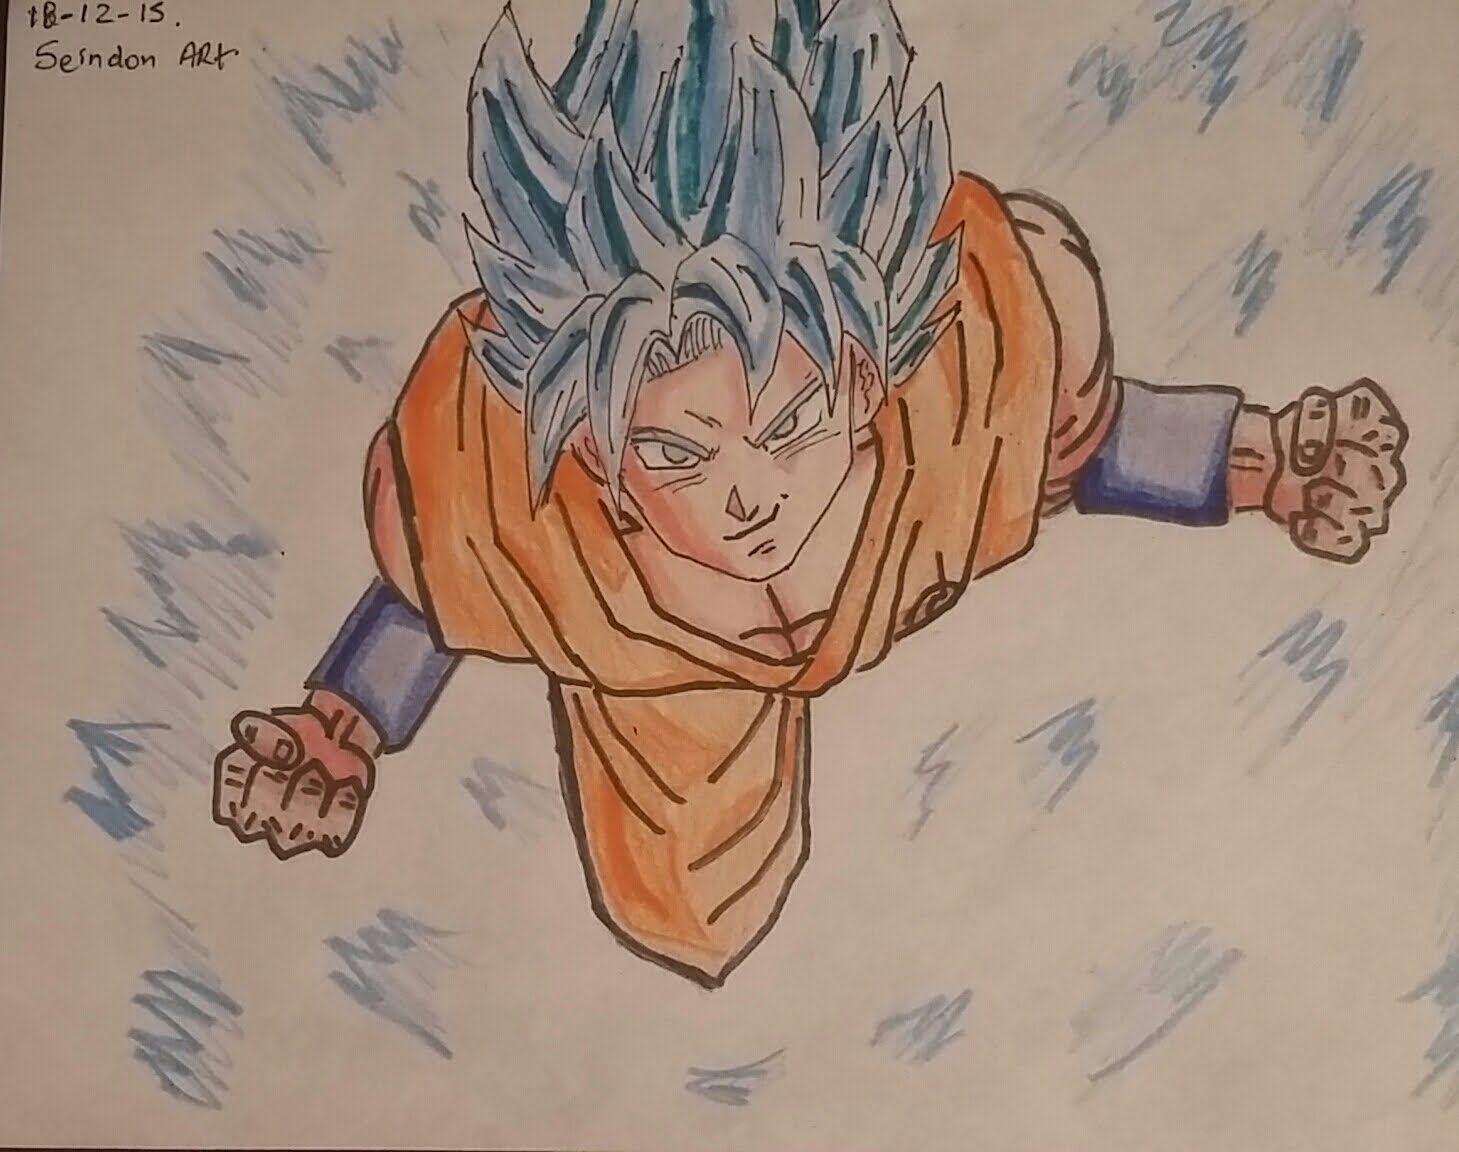 Dibujando A Goku Ssj Dios Azul Ssj Drawing Goku Ssj Ssj God Blue Dragon Ball Super Goku Ssj Dios Azul Dibujo De Goku Como Dibujar Cosas